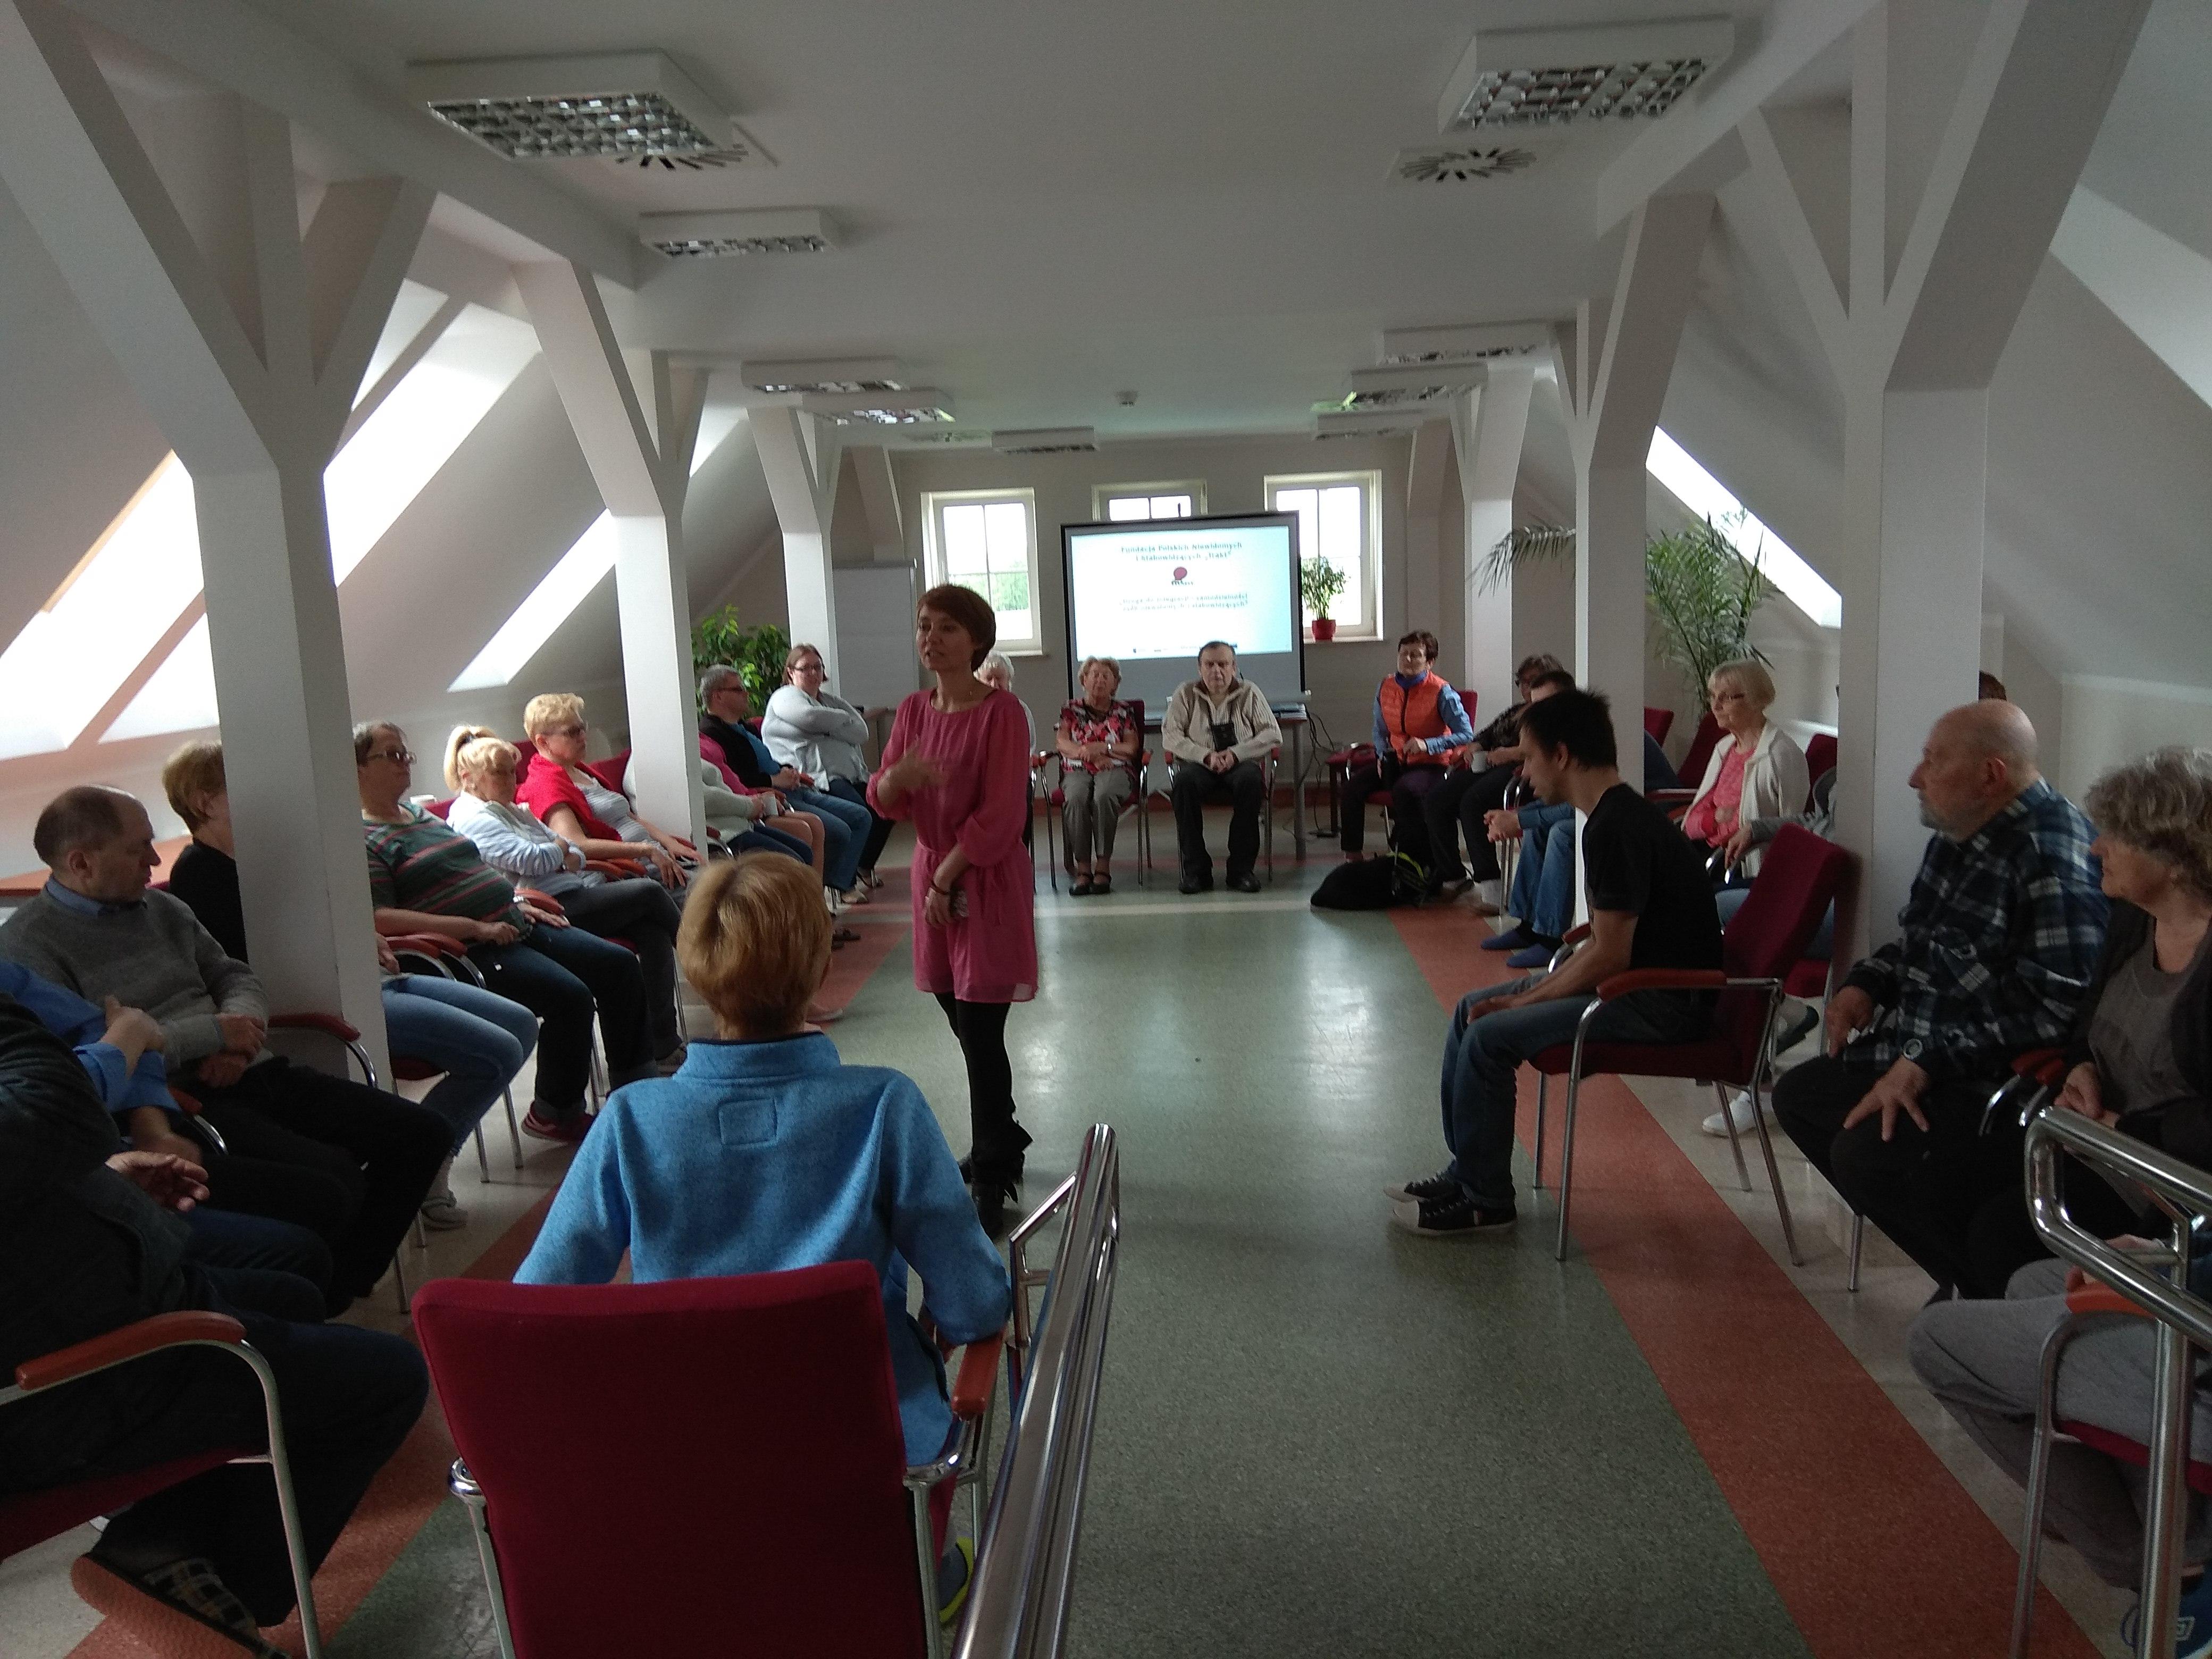 Kreacji wizerunku ciąg dalszy – tym razem wizażystka stoi pośrodku siedzących na czerwonych fotelach gości ośrodka. Sala dobrze oświetlona naturalnym światłem wpadającym przez, ukośne okna usytuowane po dwóch stronach pomieszczenia.